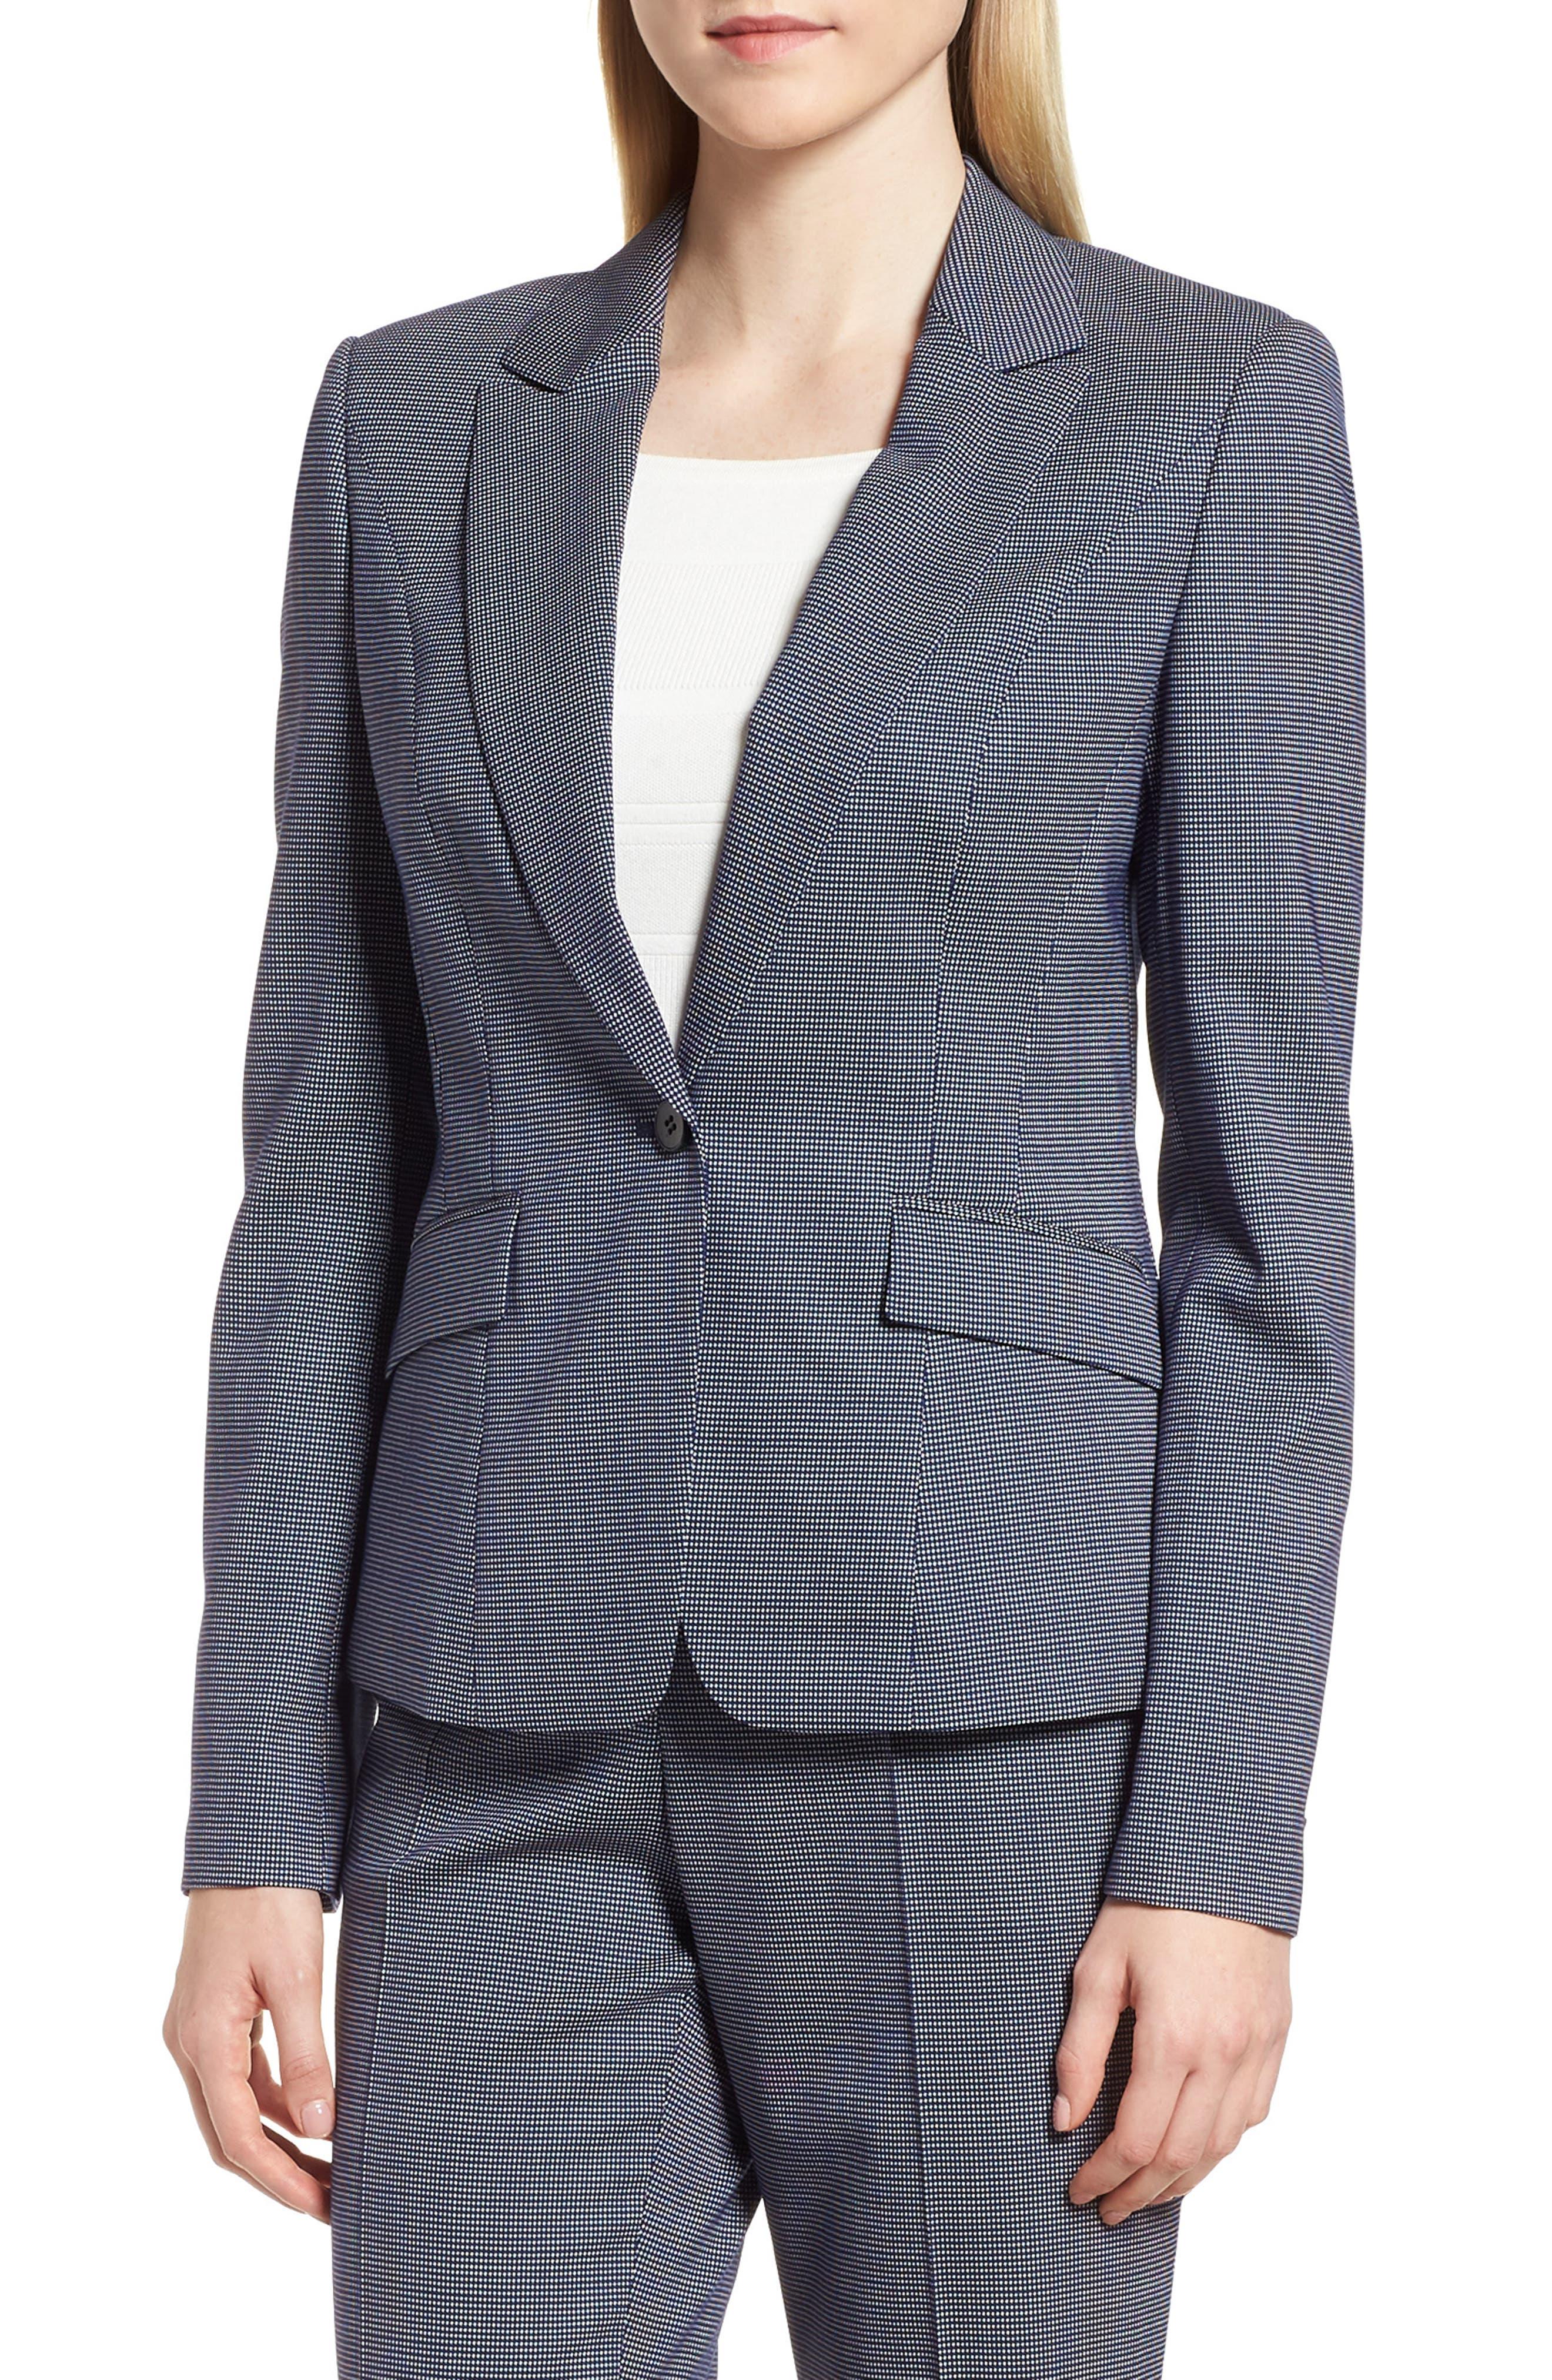 Janora Minidessin Jacket,                             Main thumbnail 1, color,                             462